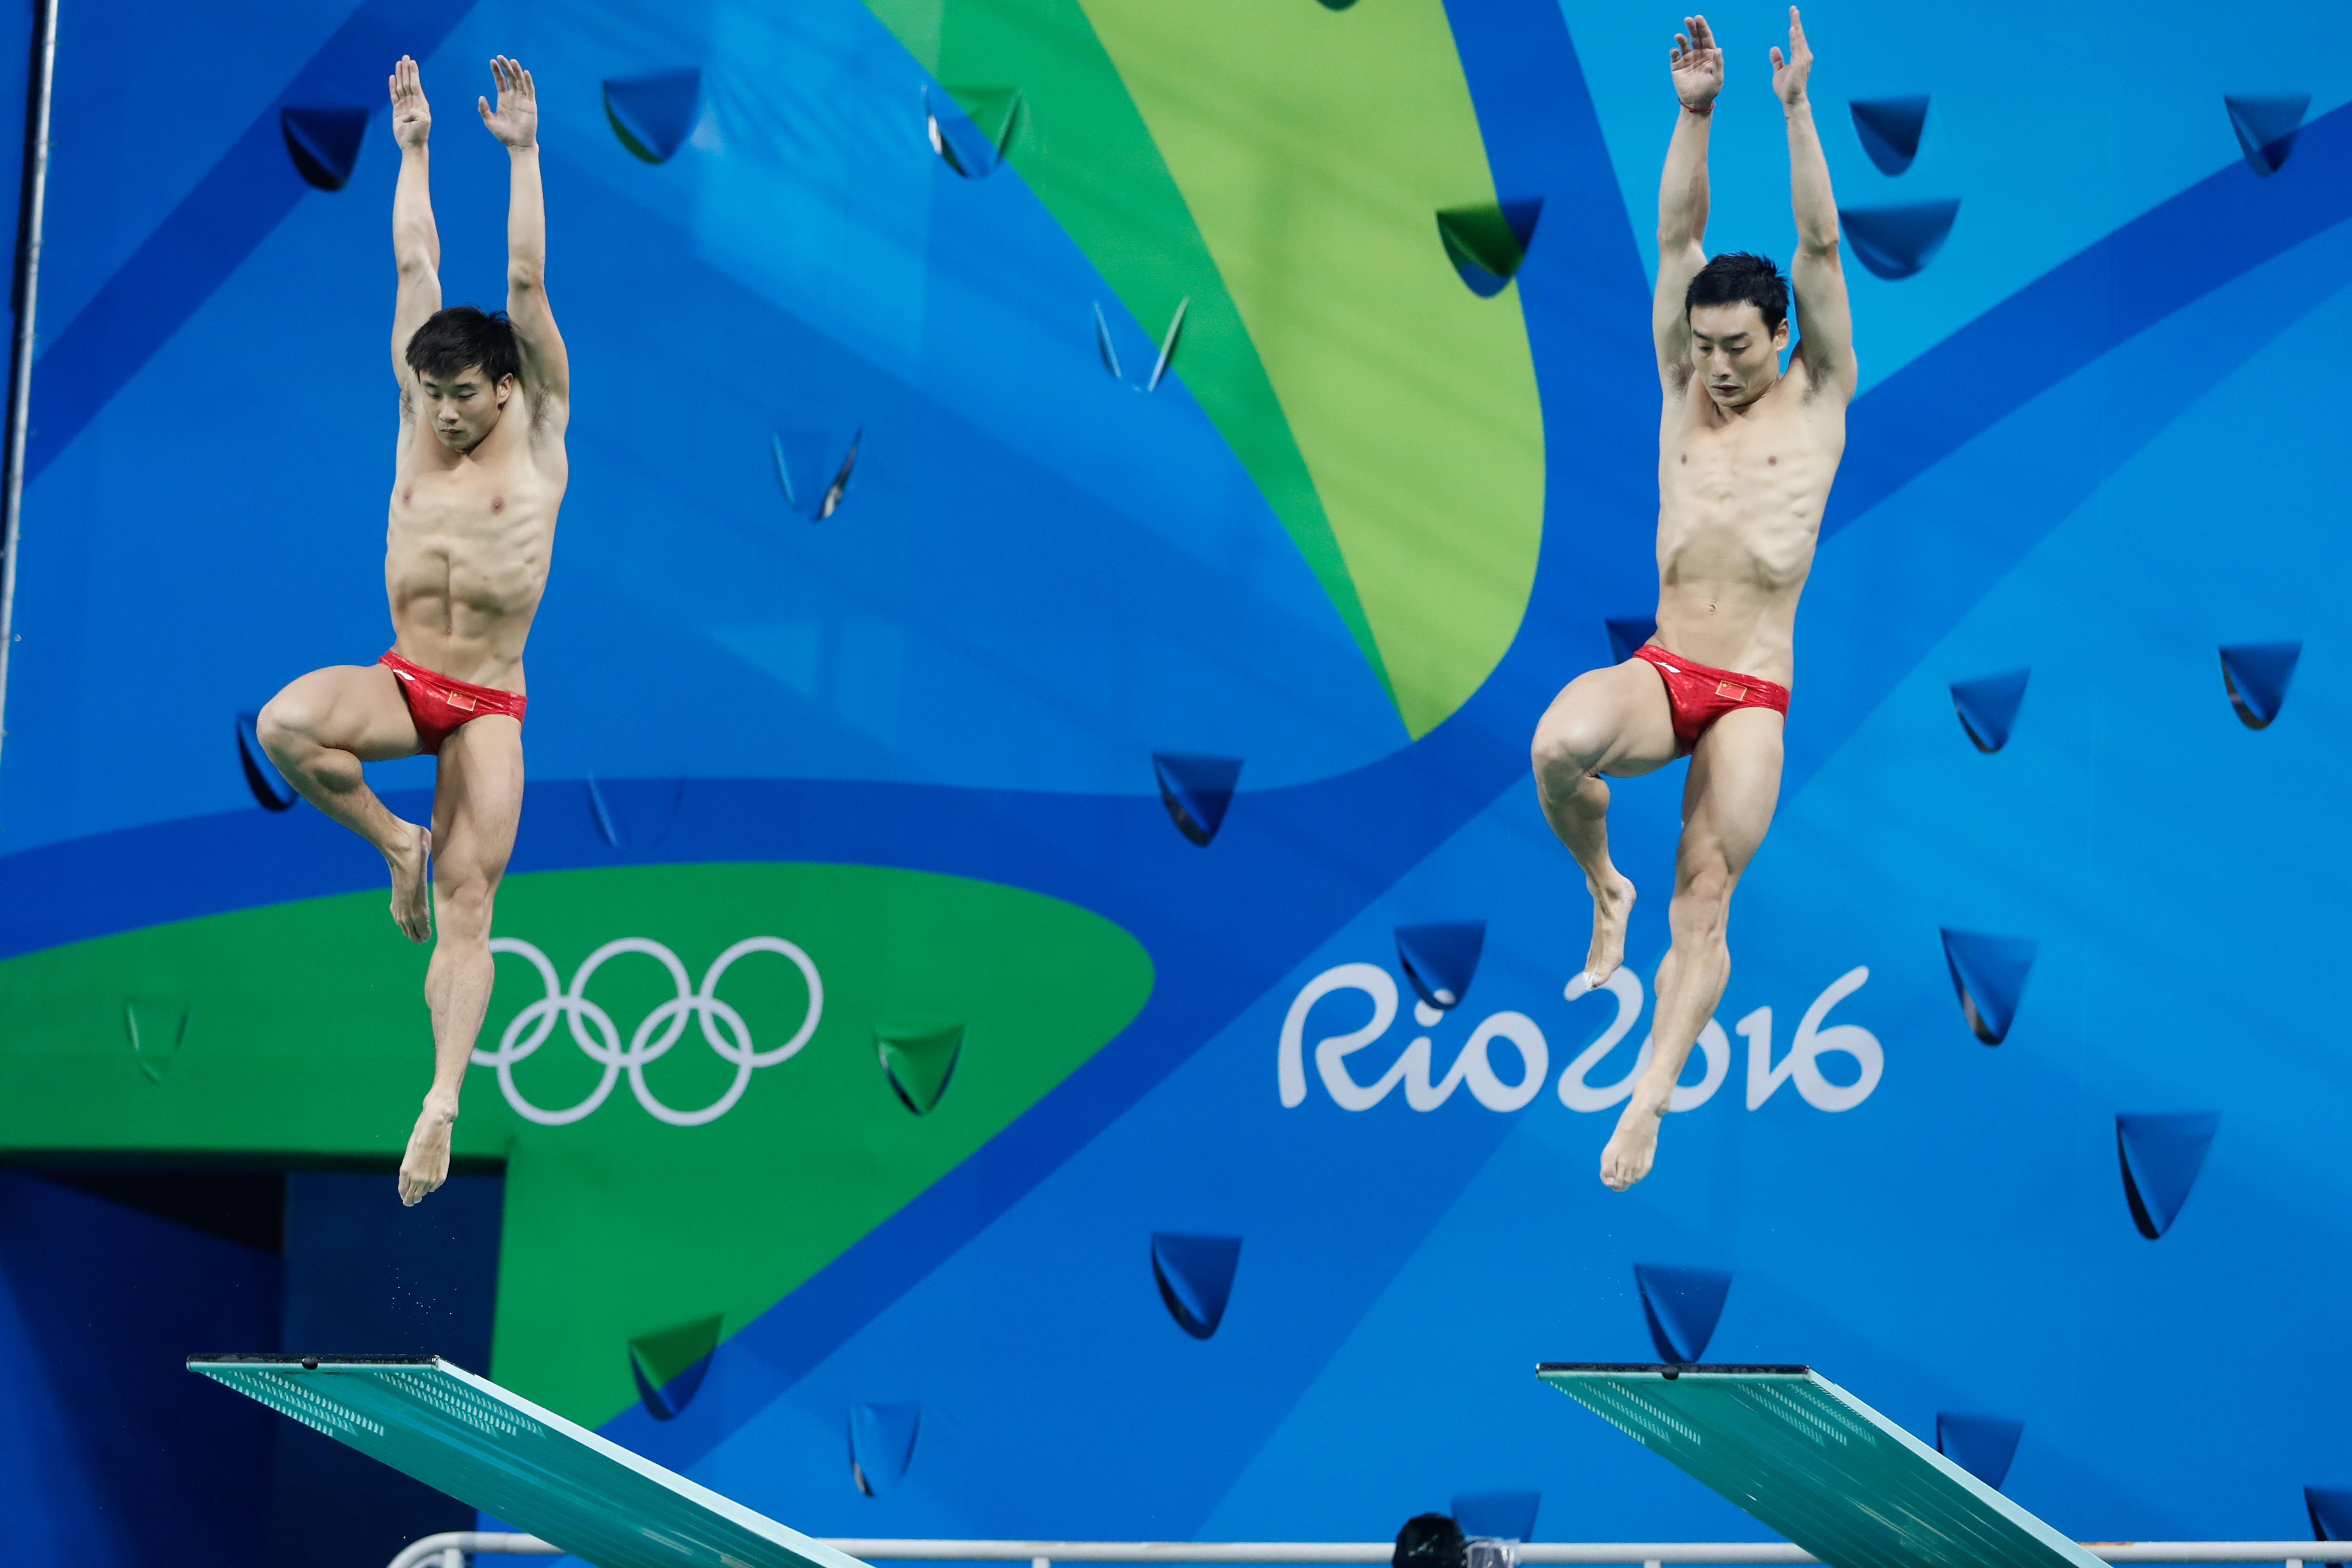 オリンピック 飛び込み